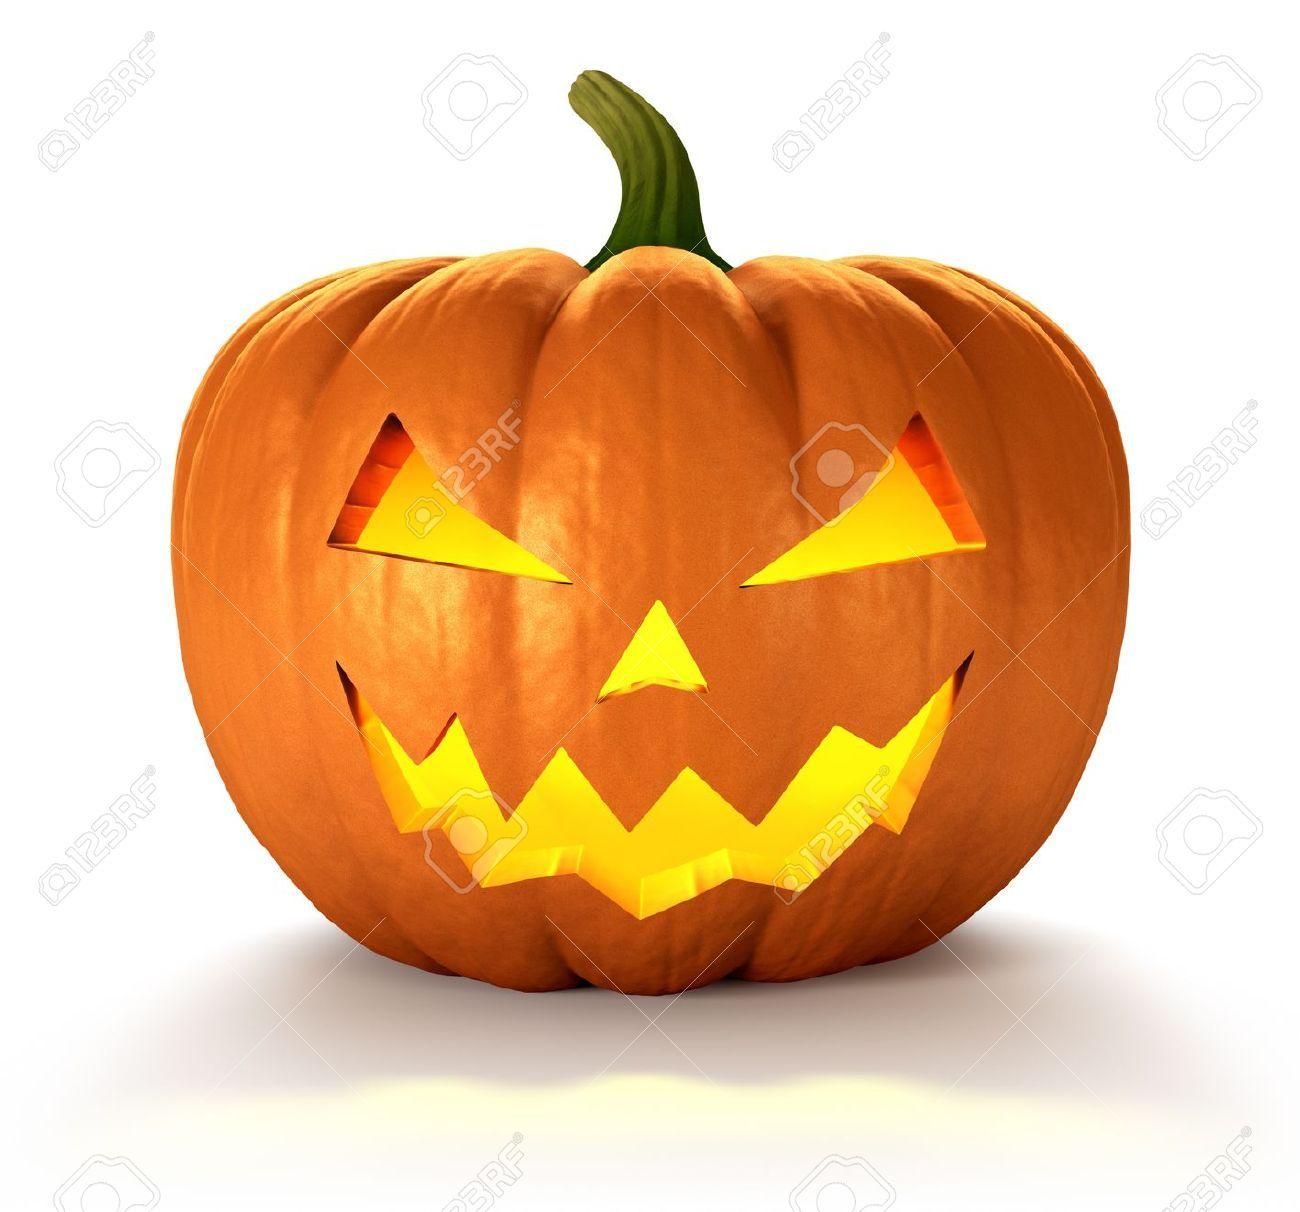 15320521 Scary Jack O Lantern Halloween K Rbis Mit Kerze Licht Im Inneren 3d Render Lizenzfreie Bilder Jpg 1 300 1 2 Halloween Pumpkins Pumpkin Carving Pumpkin